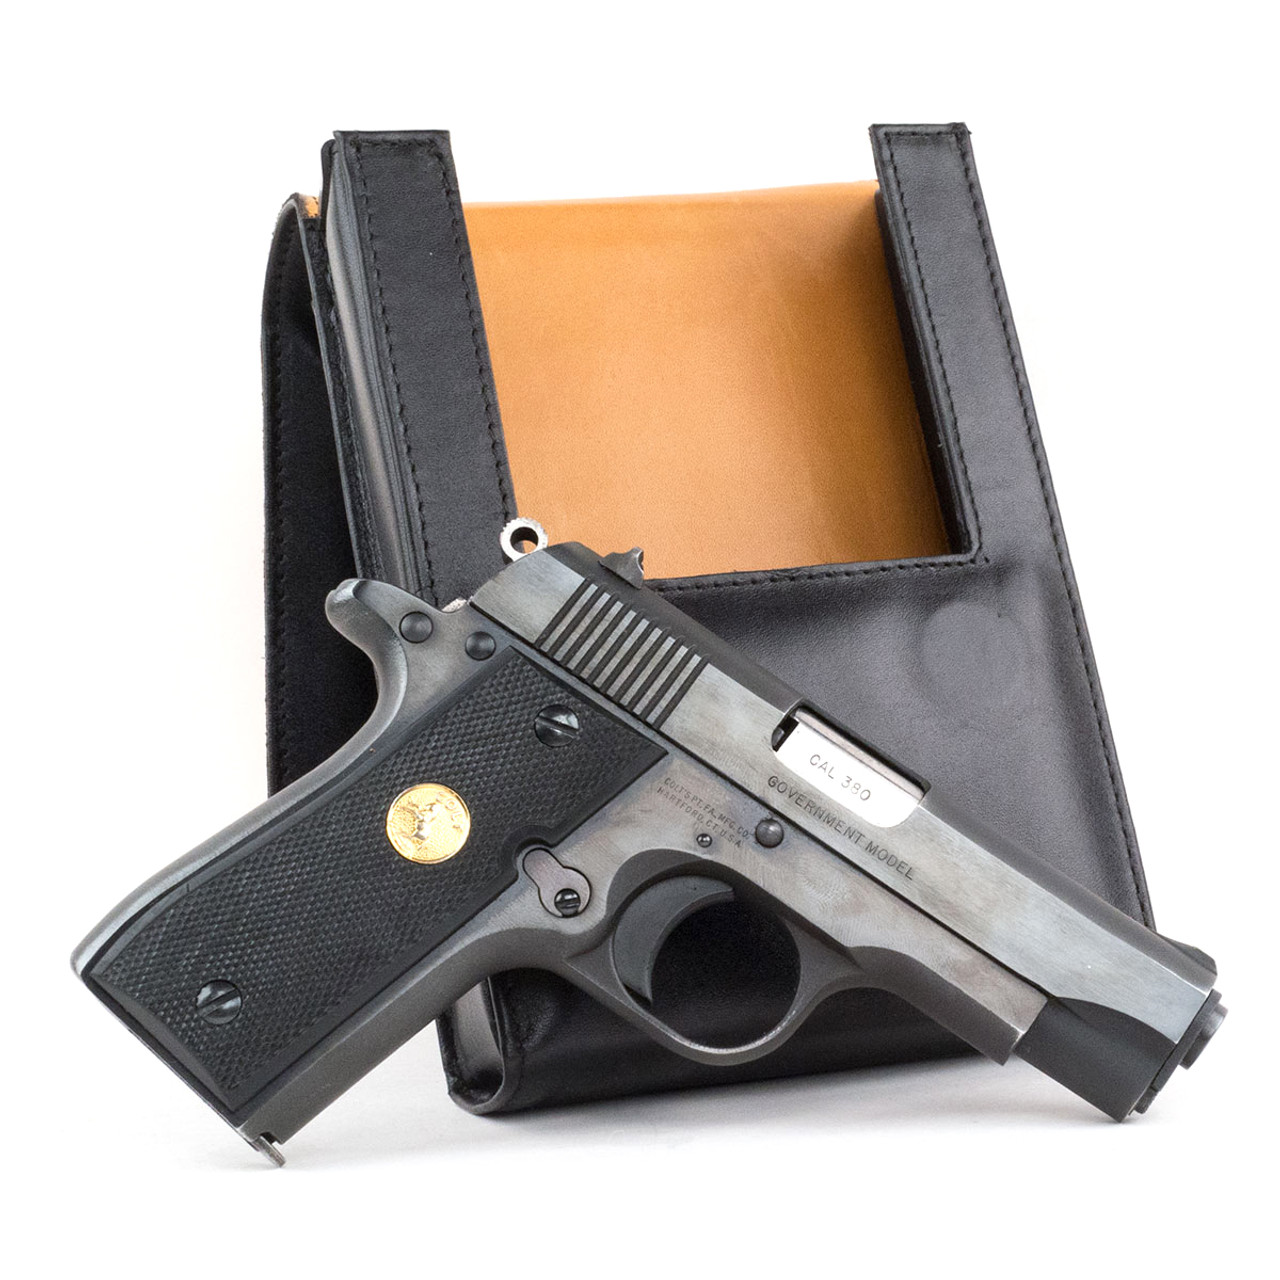 Colt Mark IV Series 80 (.380) Holster